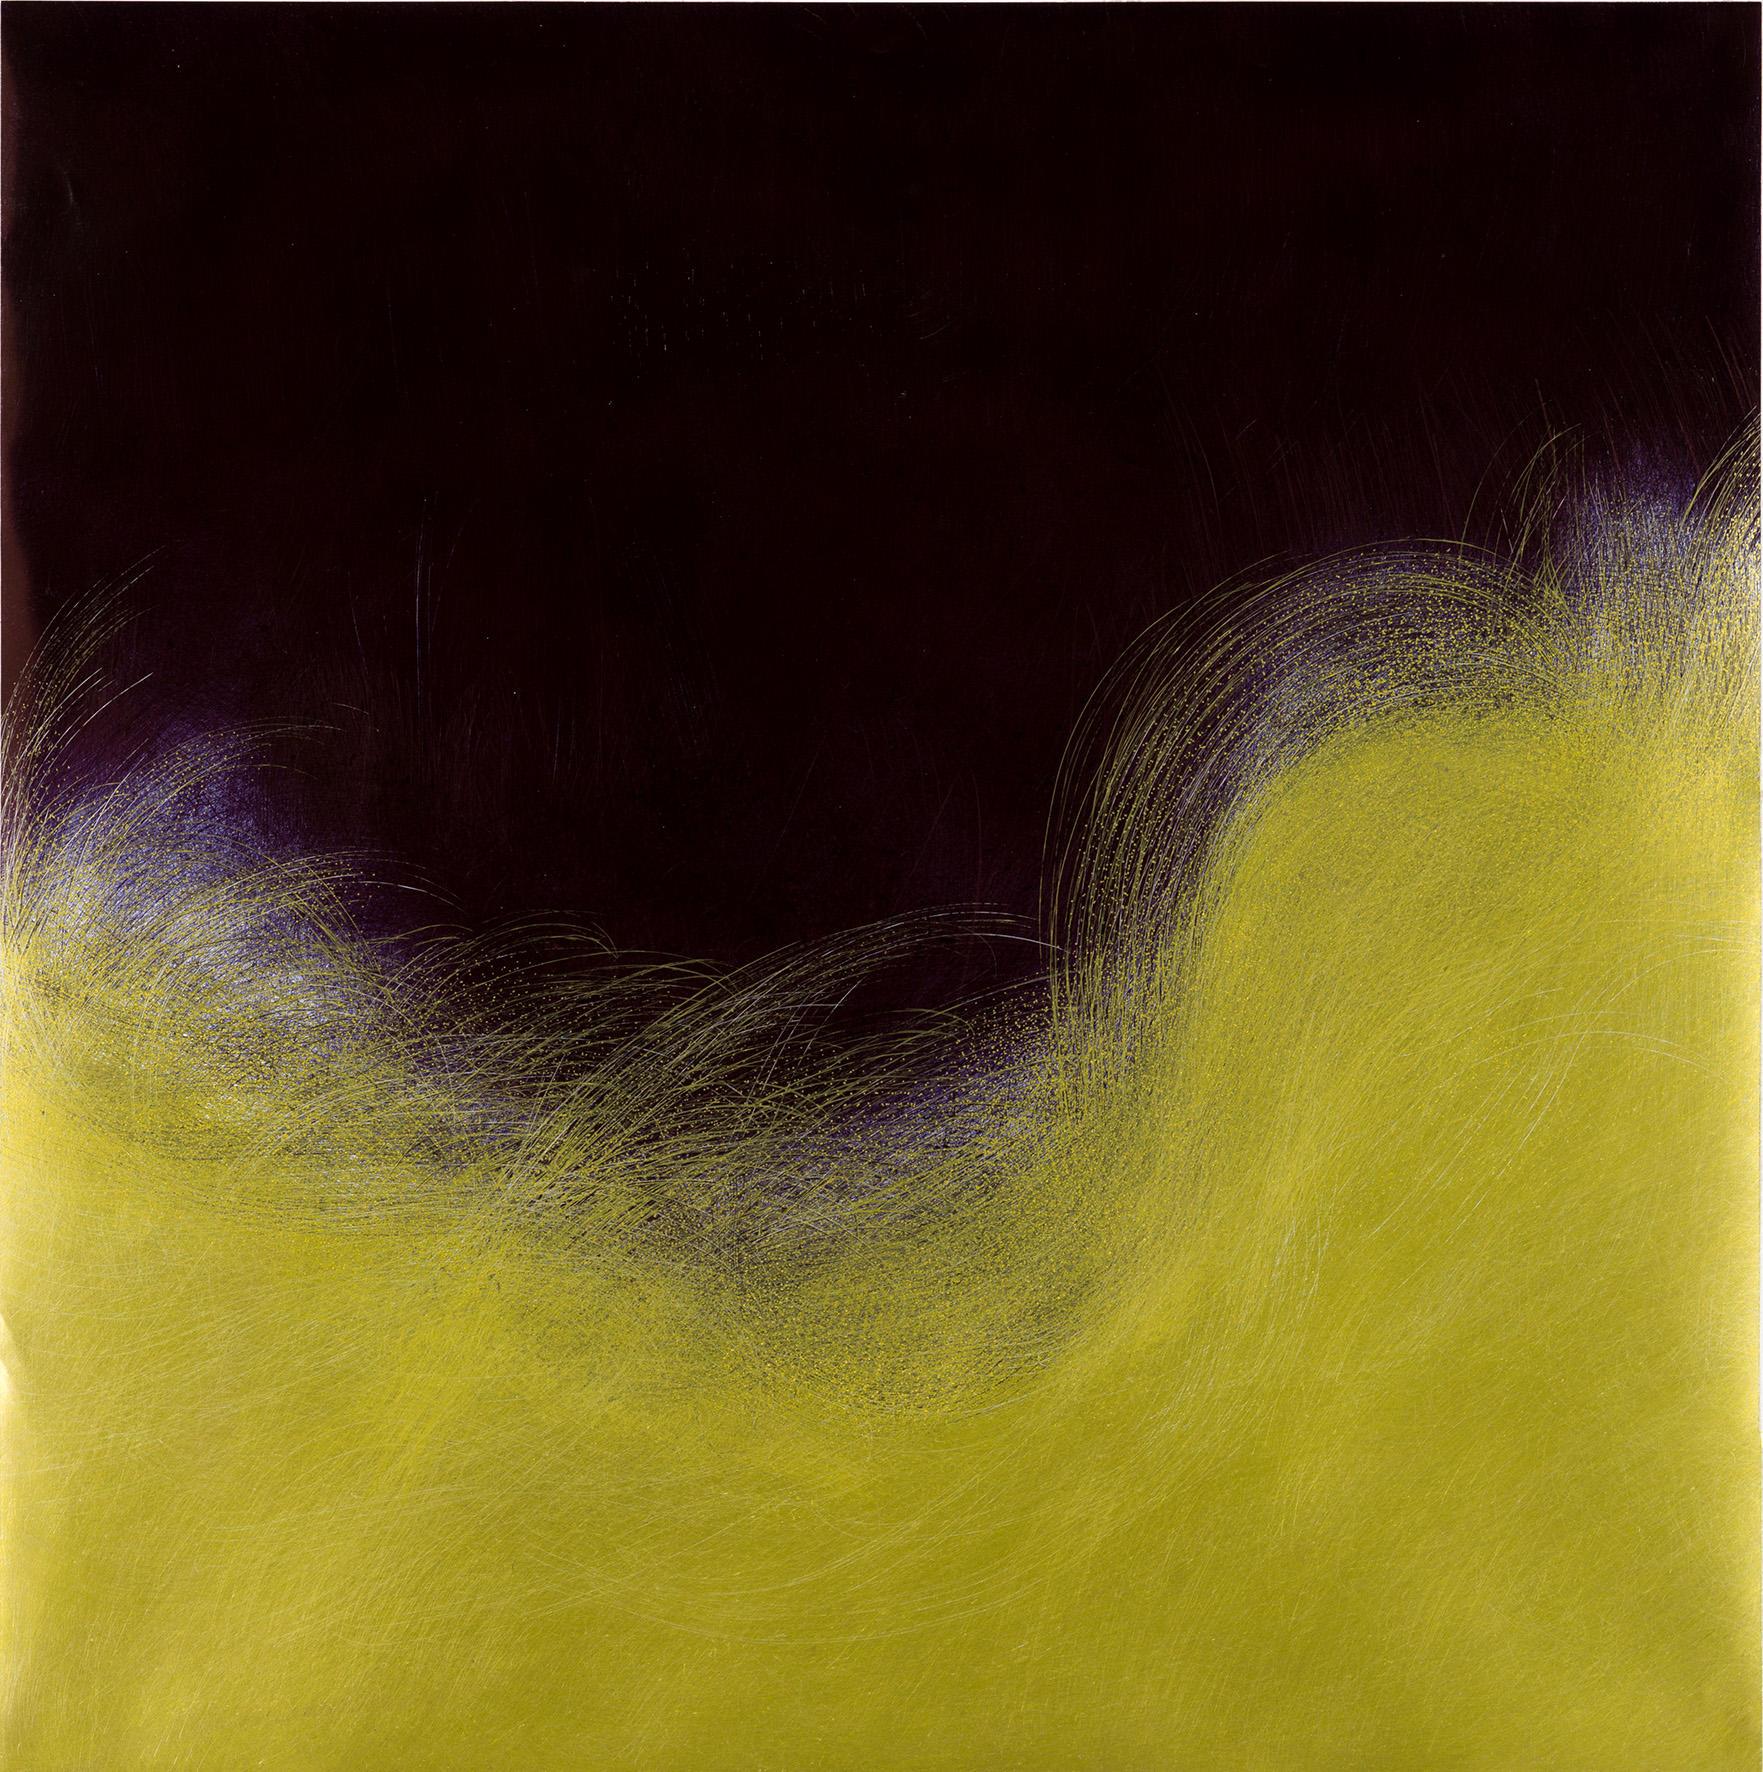 Gallery Collection - Chihiro Kabata